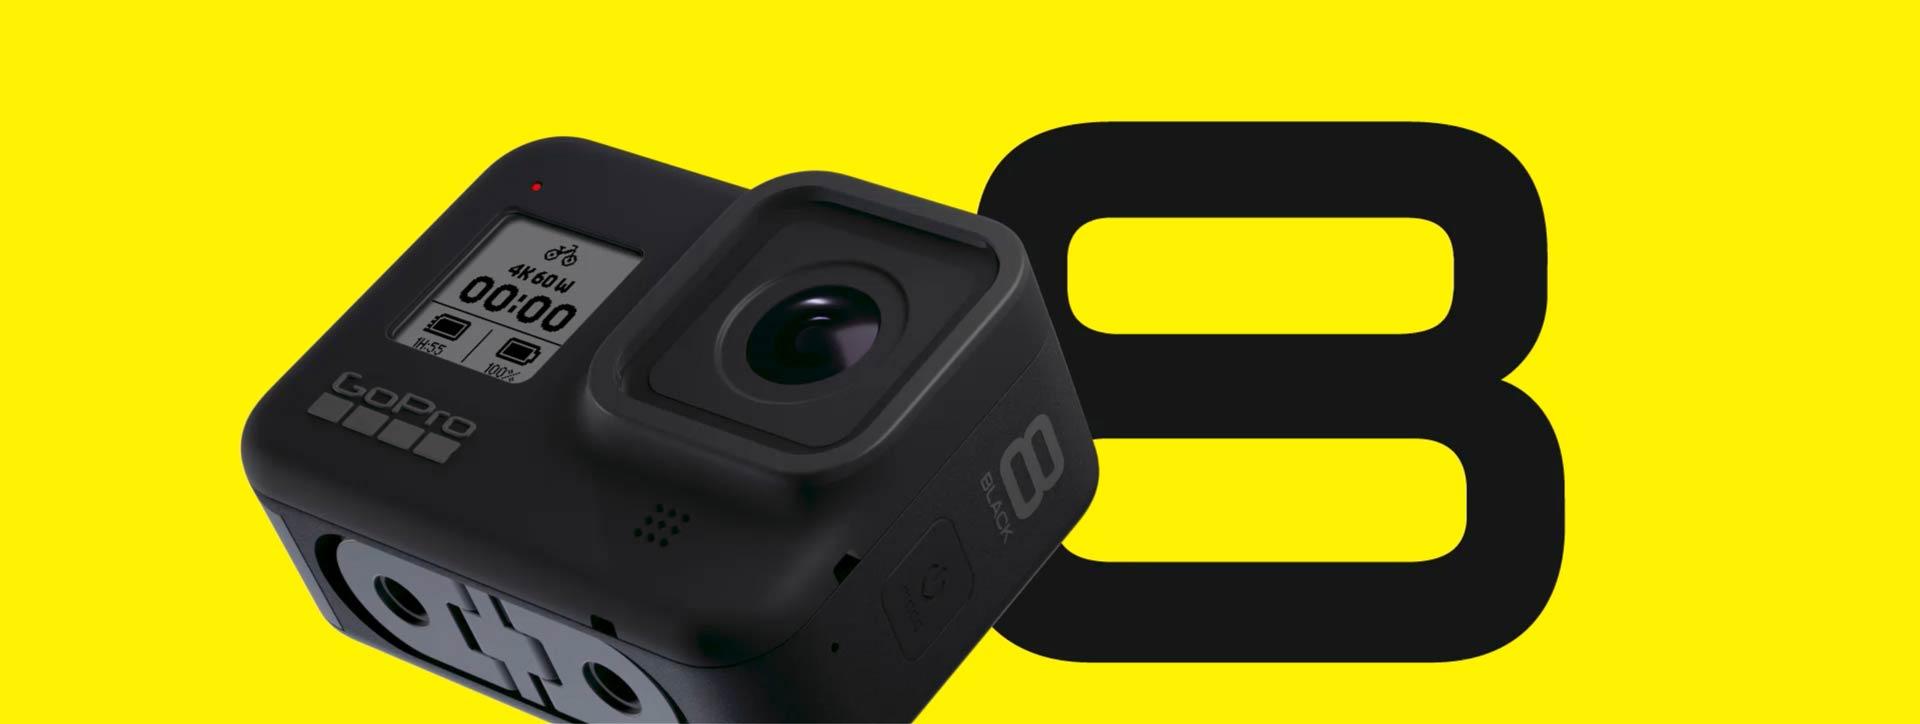 GoPro Hero 8 Black & Max vorgestellt – Die neuen Features in der Übersicht